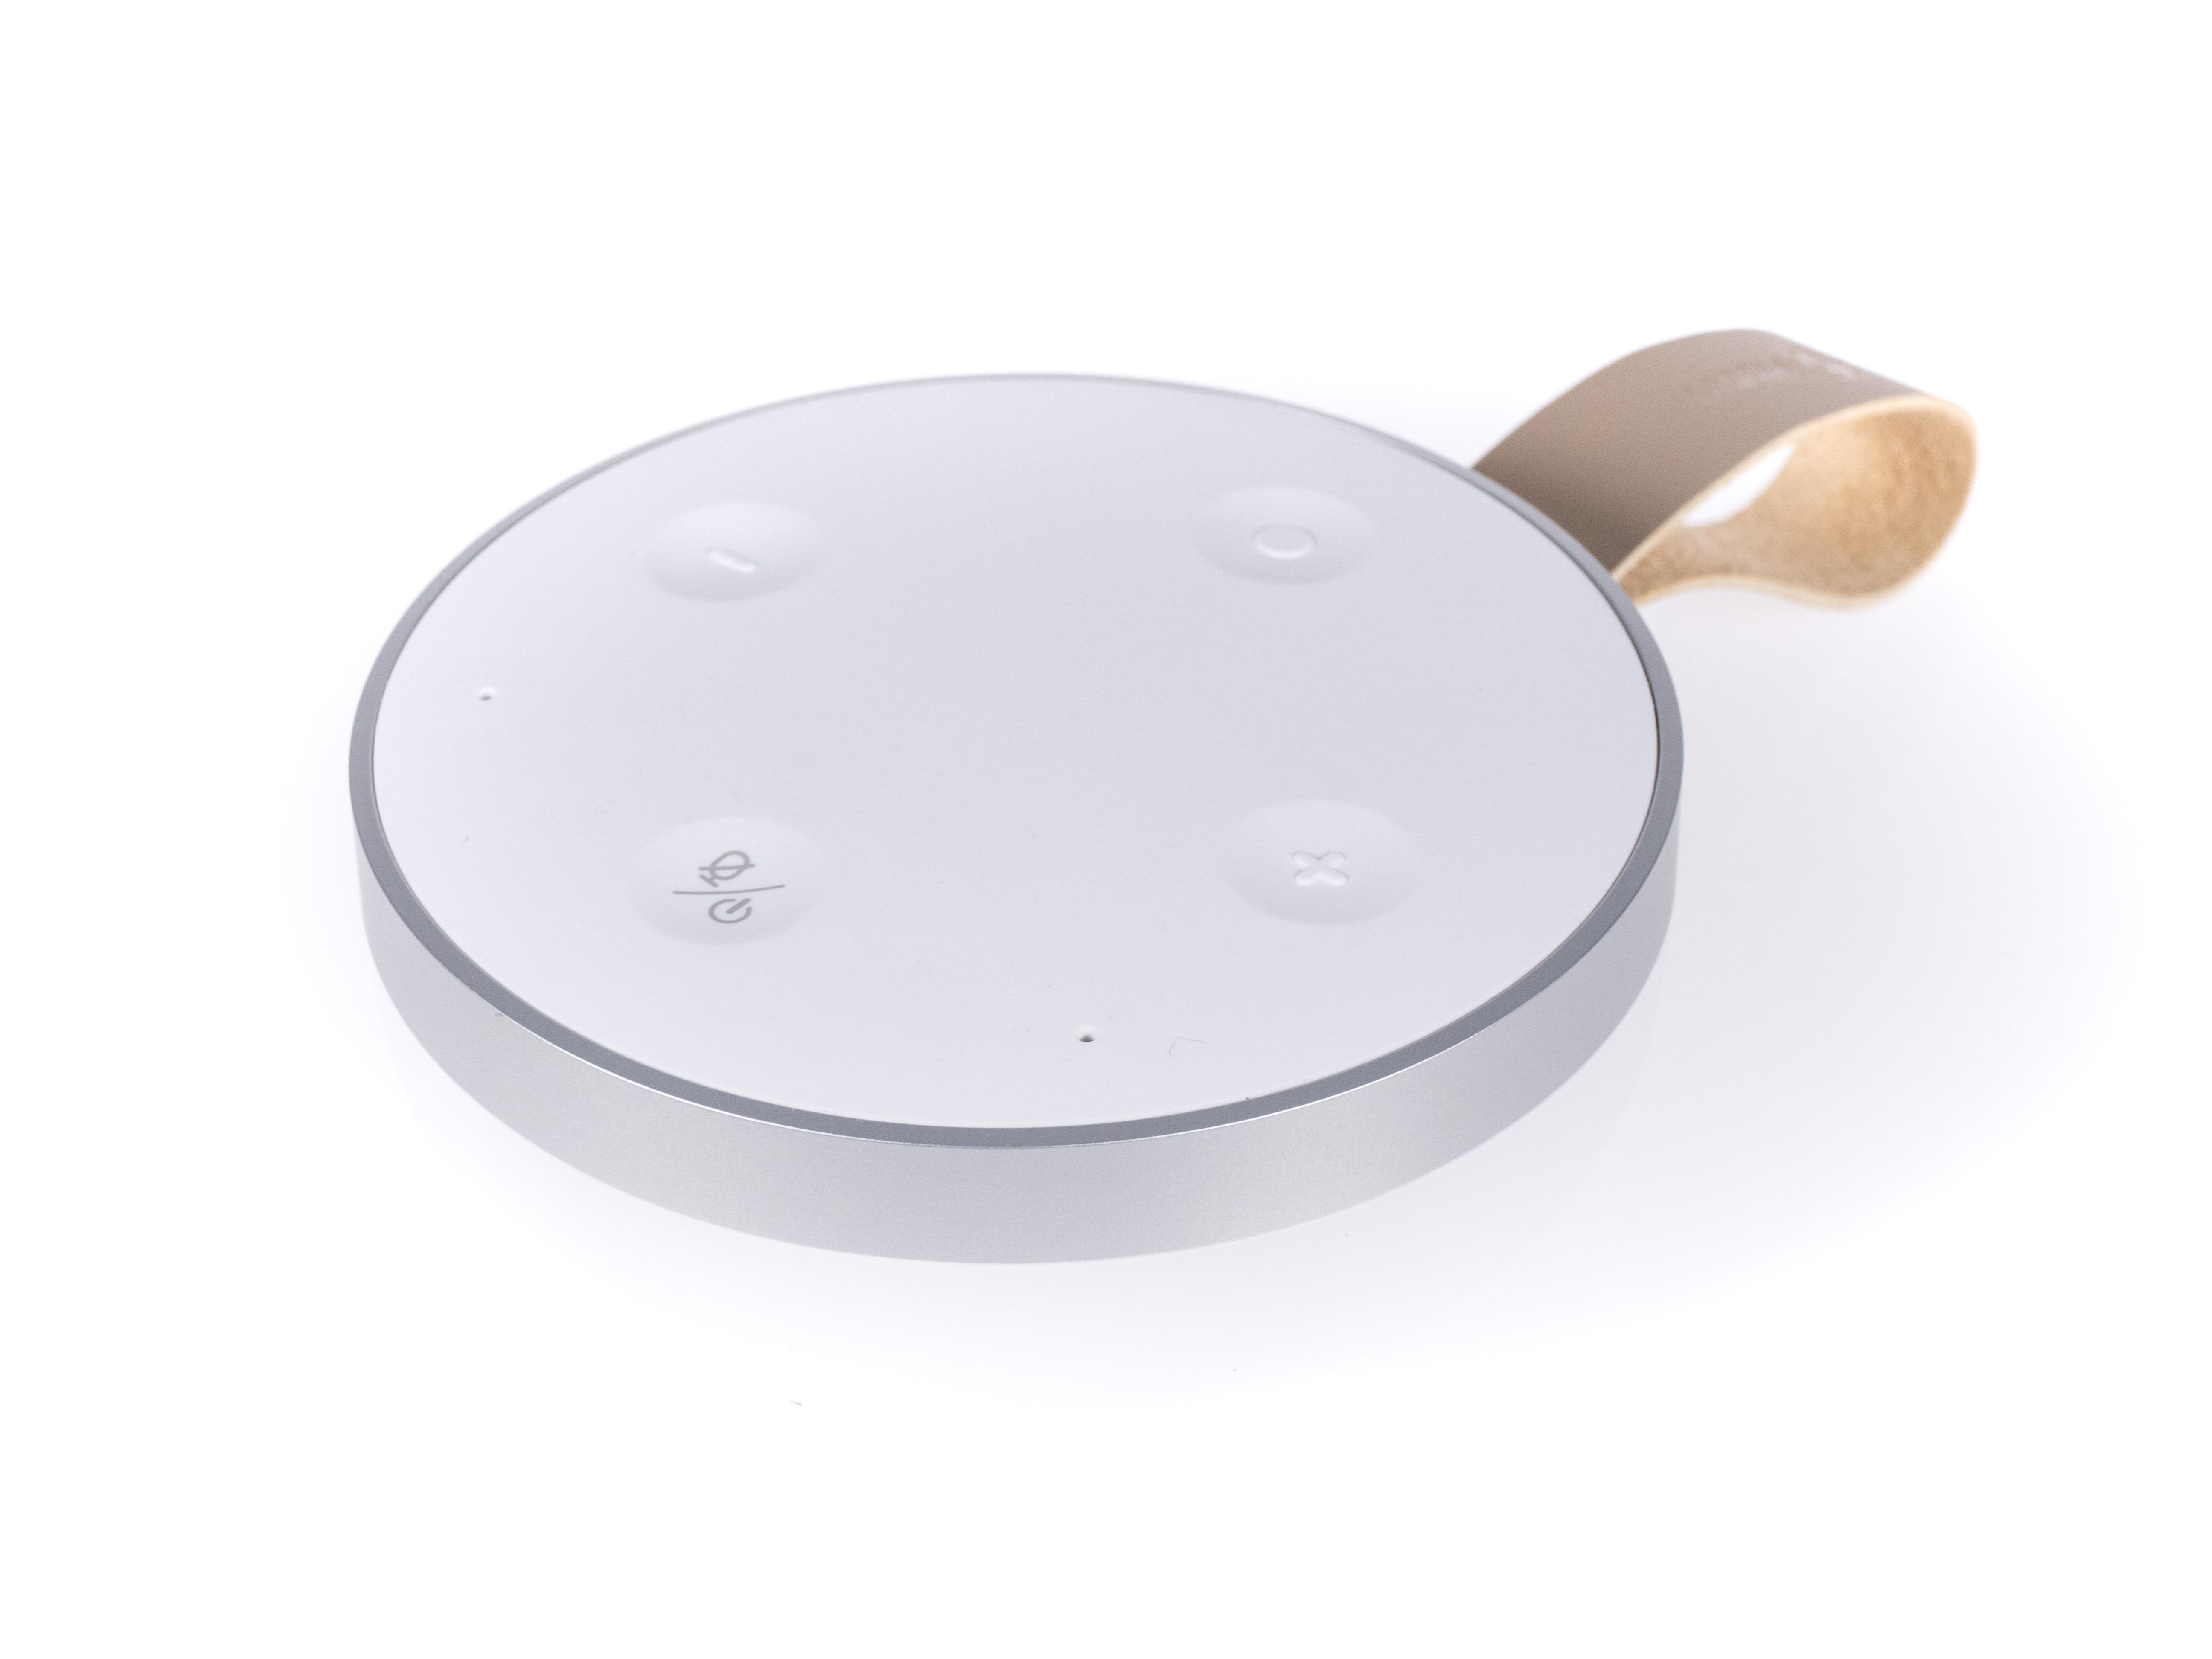 Alexa-Geräte und ihre Konkurrenz im Test: Der perfekte smarte Lautsprecher ist nicht dabei - Vier Steuertasten befinden sich auf der Oberseite des Lautsprechers. (Bild: Martin Wolf/Golem.de)